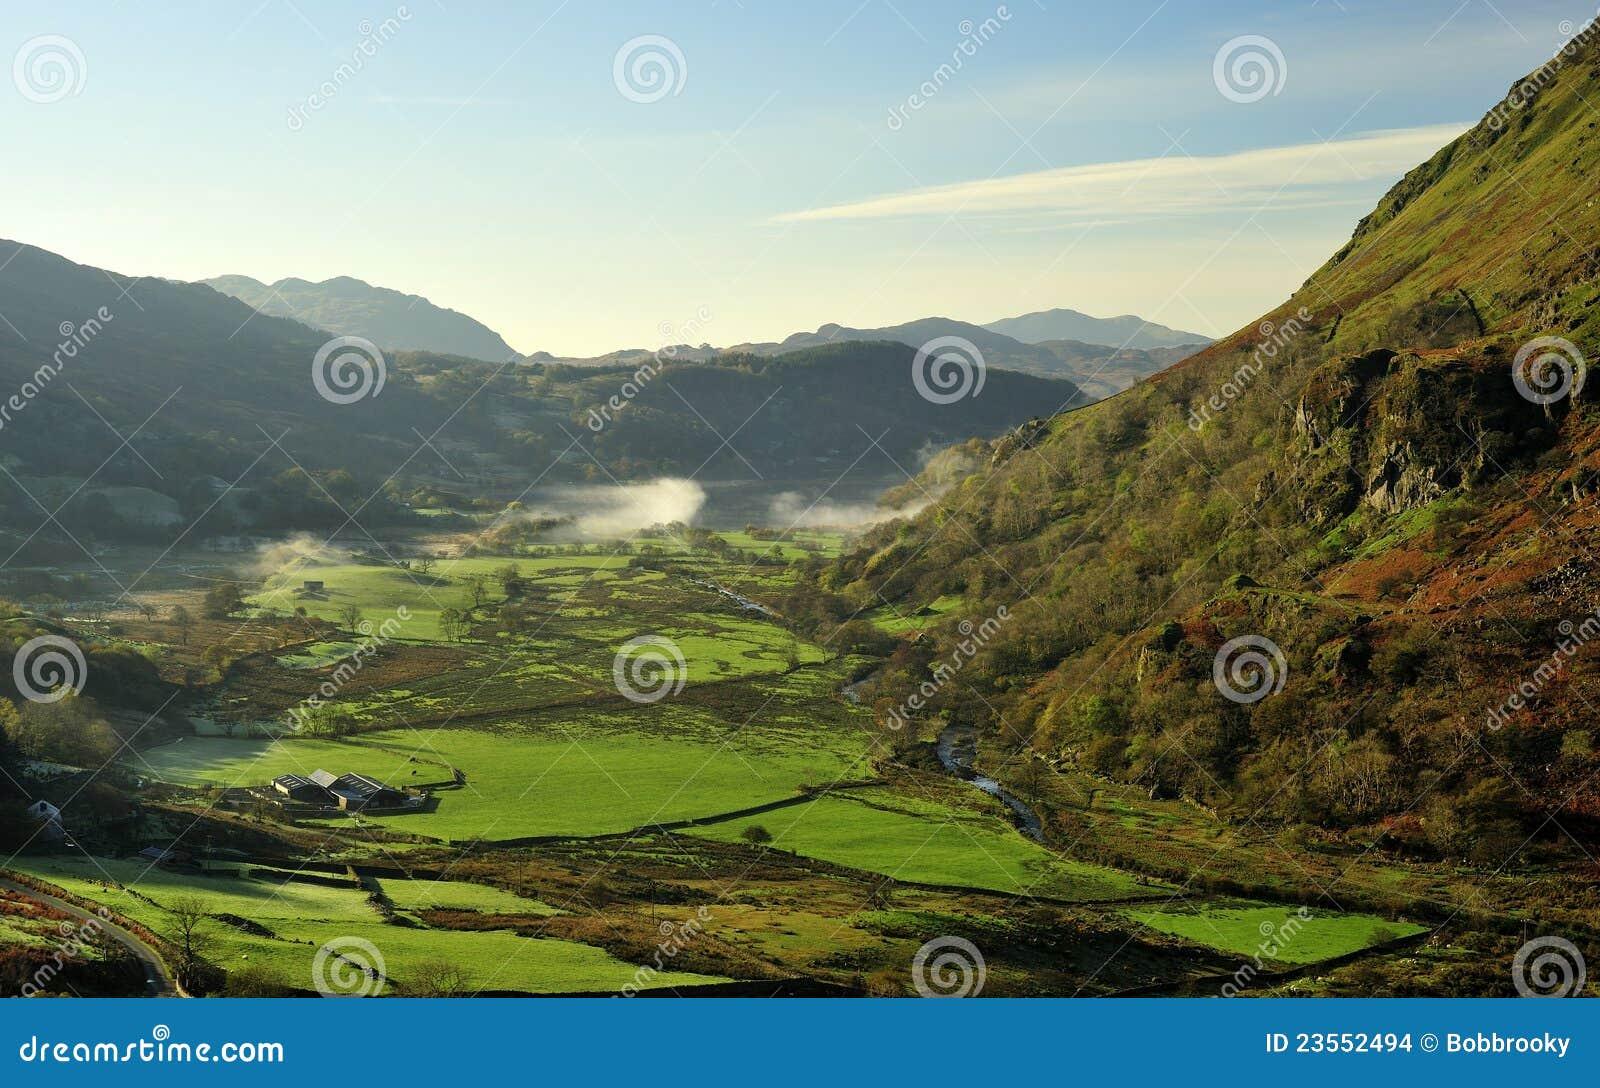 Snowdonia gynant nant północna dolina Wales